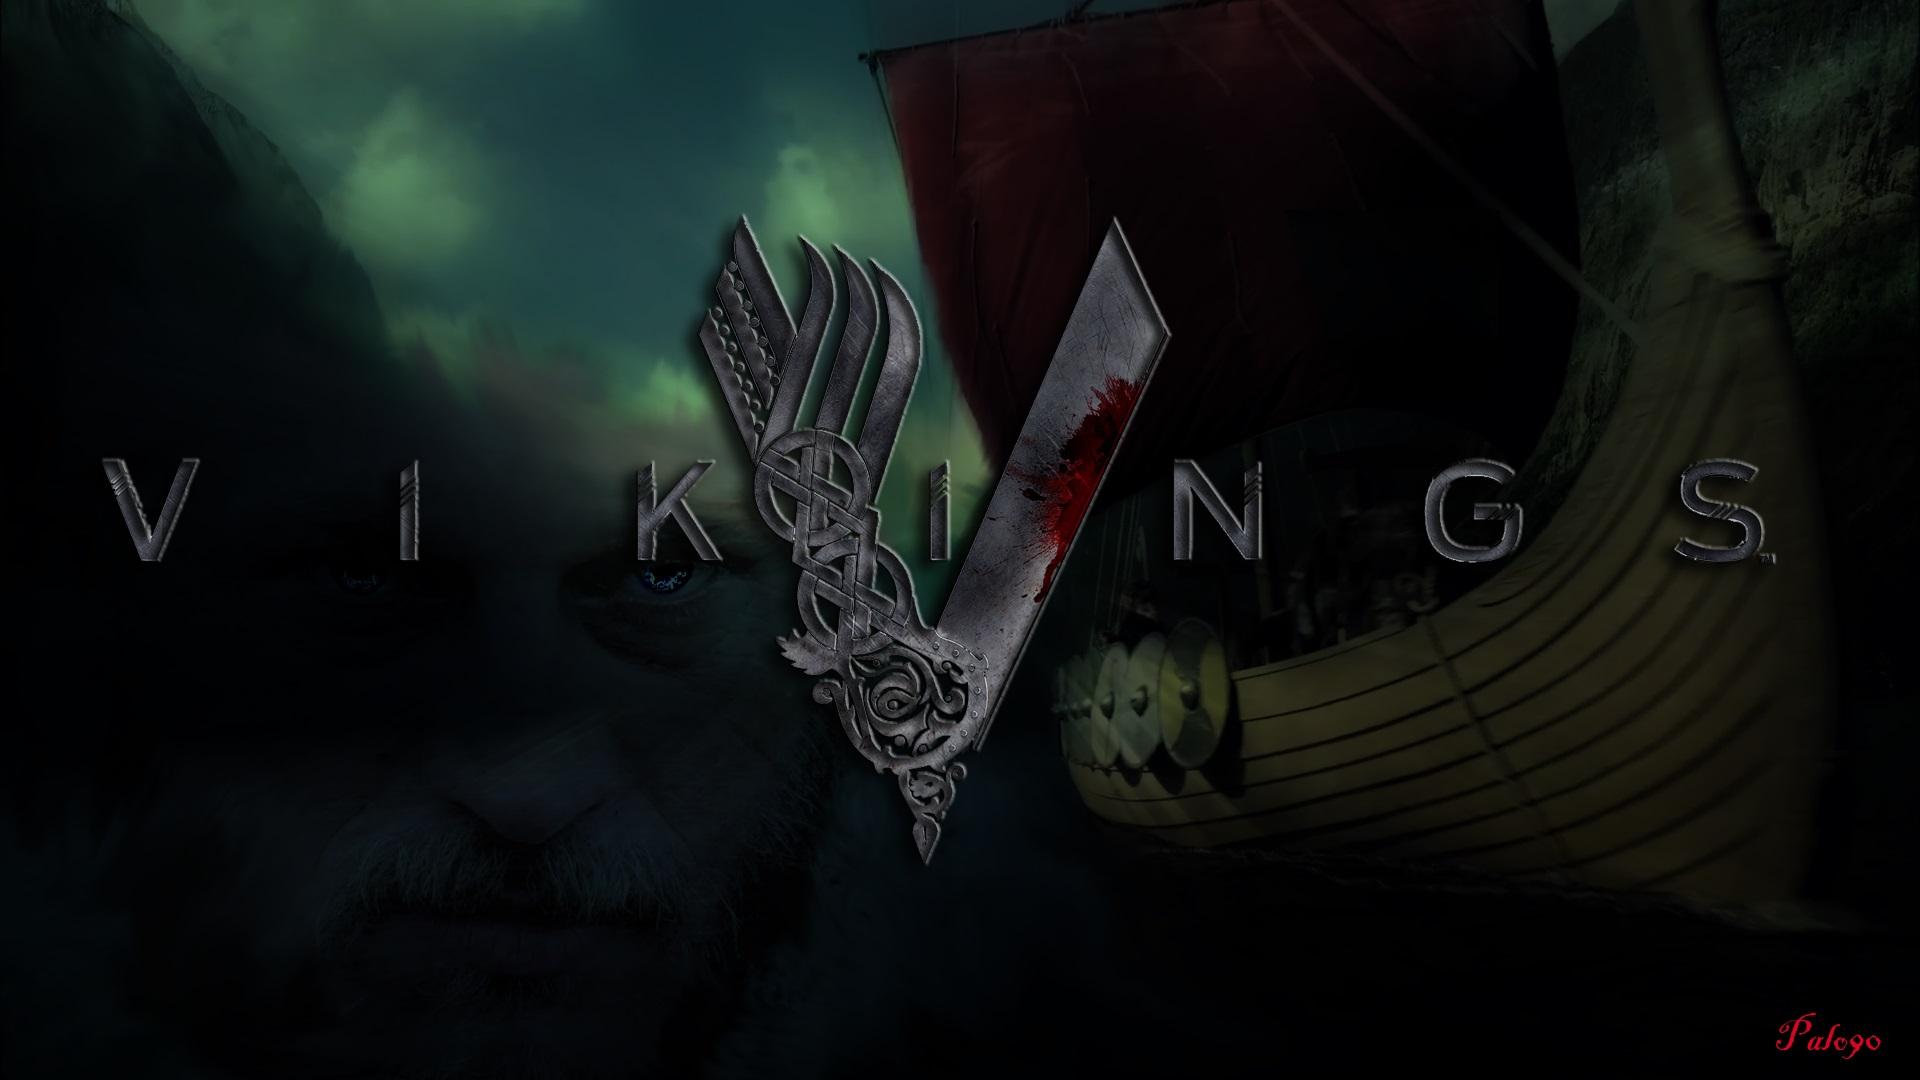 Vikings wallpaper 6